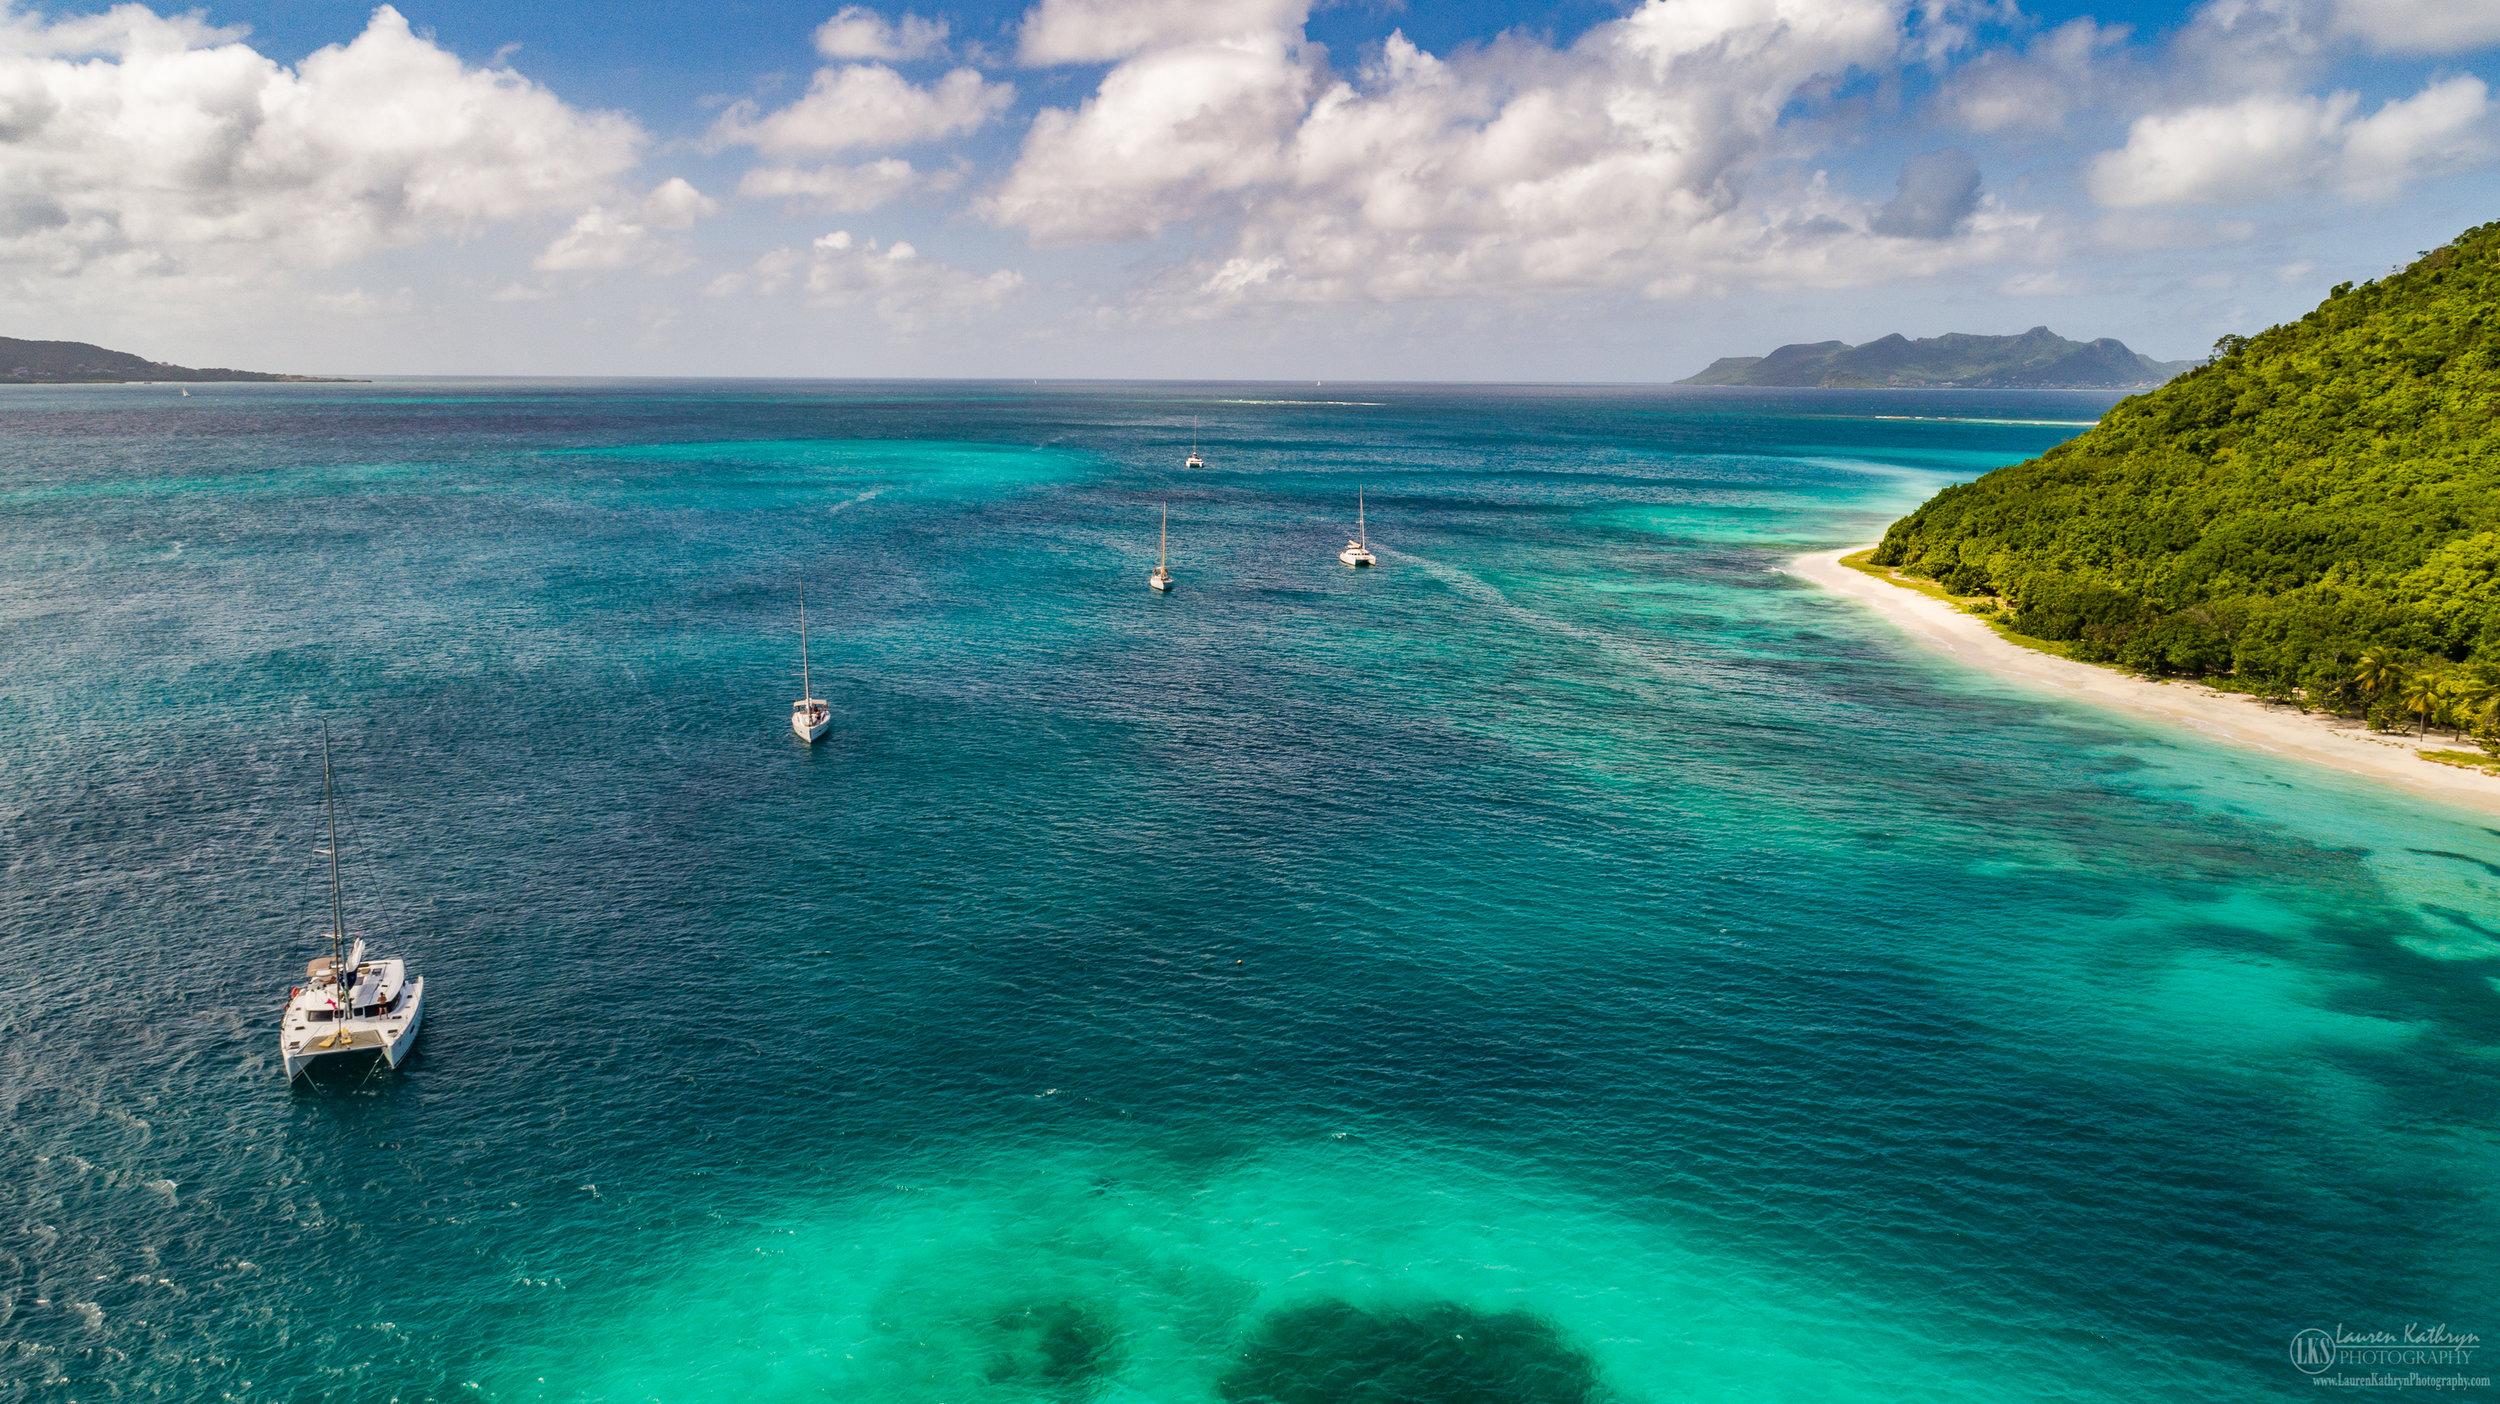 Petit Saint Vincent_Drone_Caribbean Blues.jpg